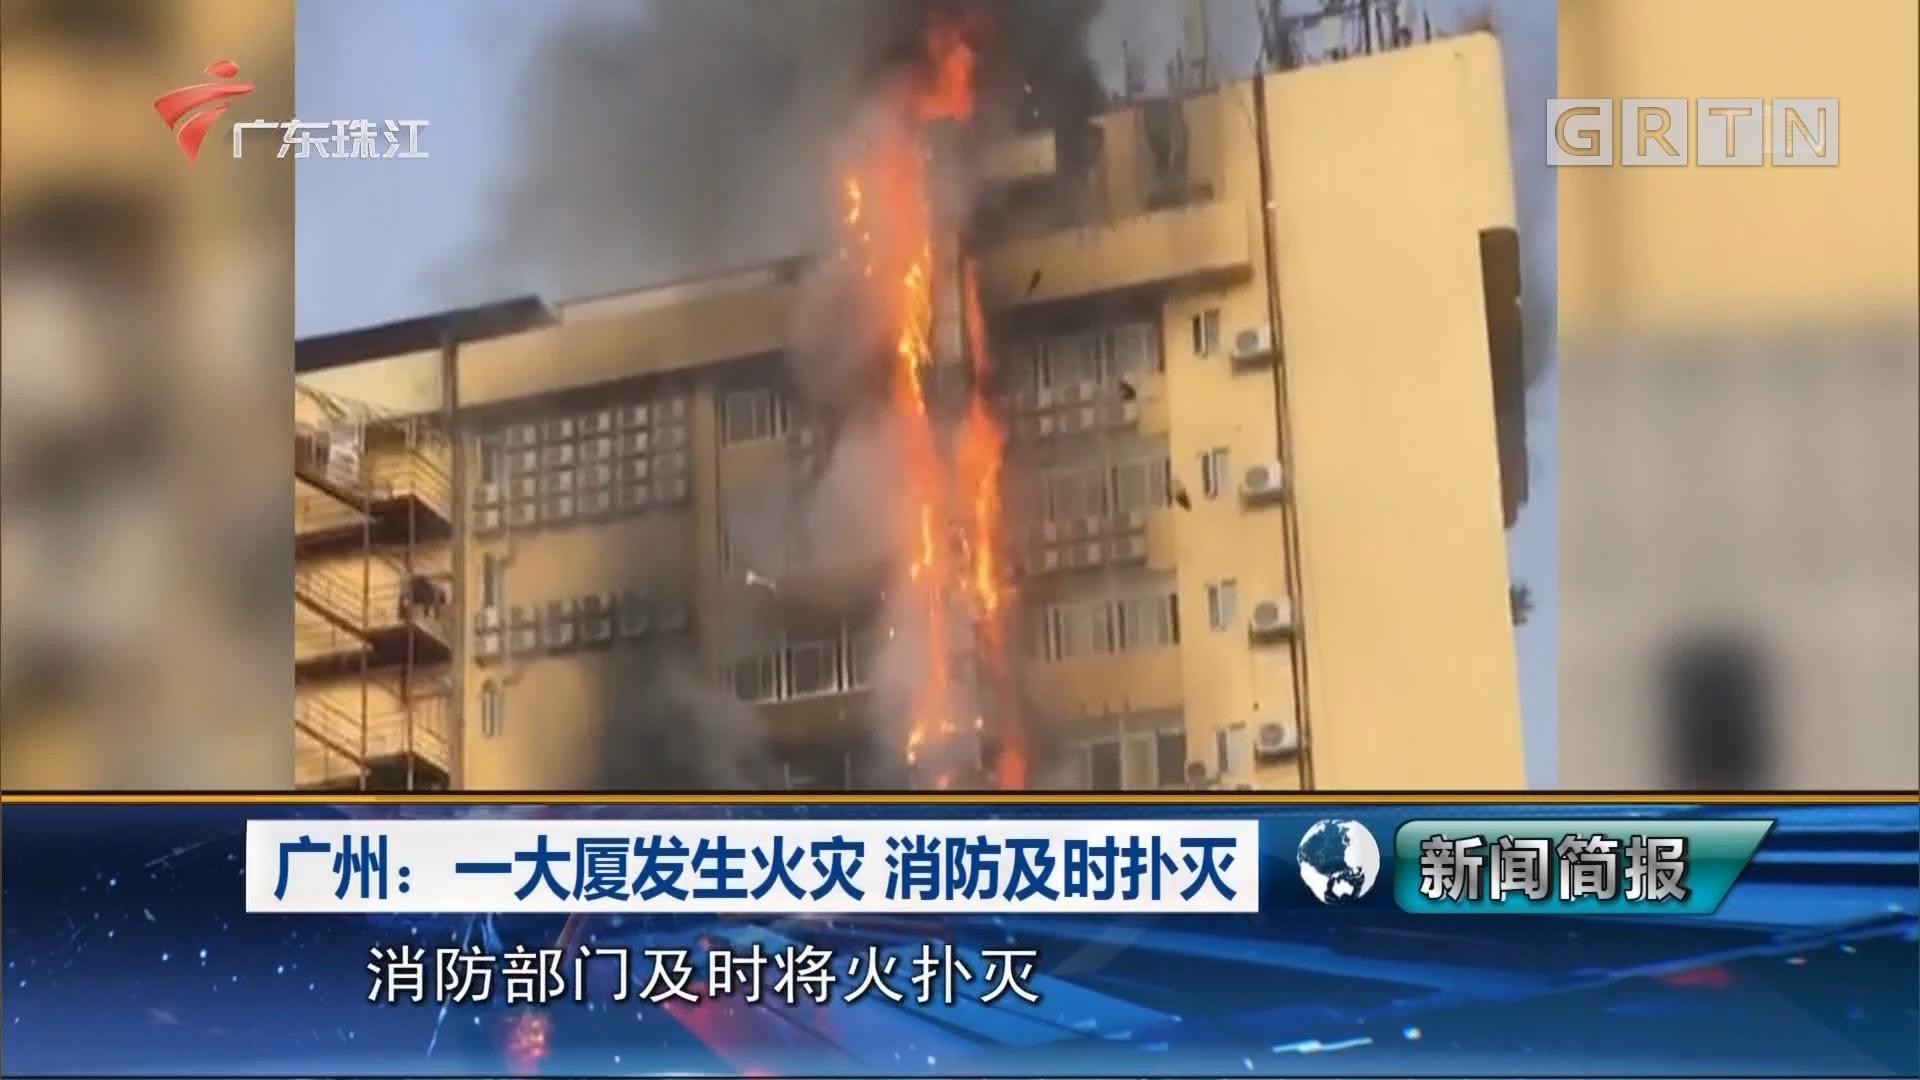 广州:一大厦发生火灾 消防及时扑灭